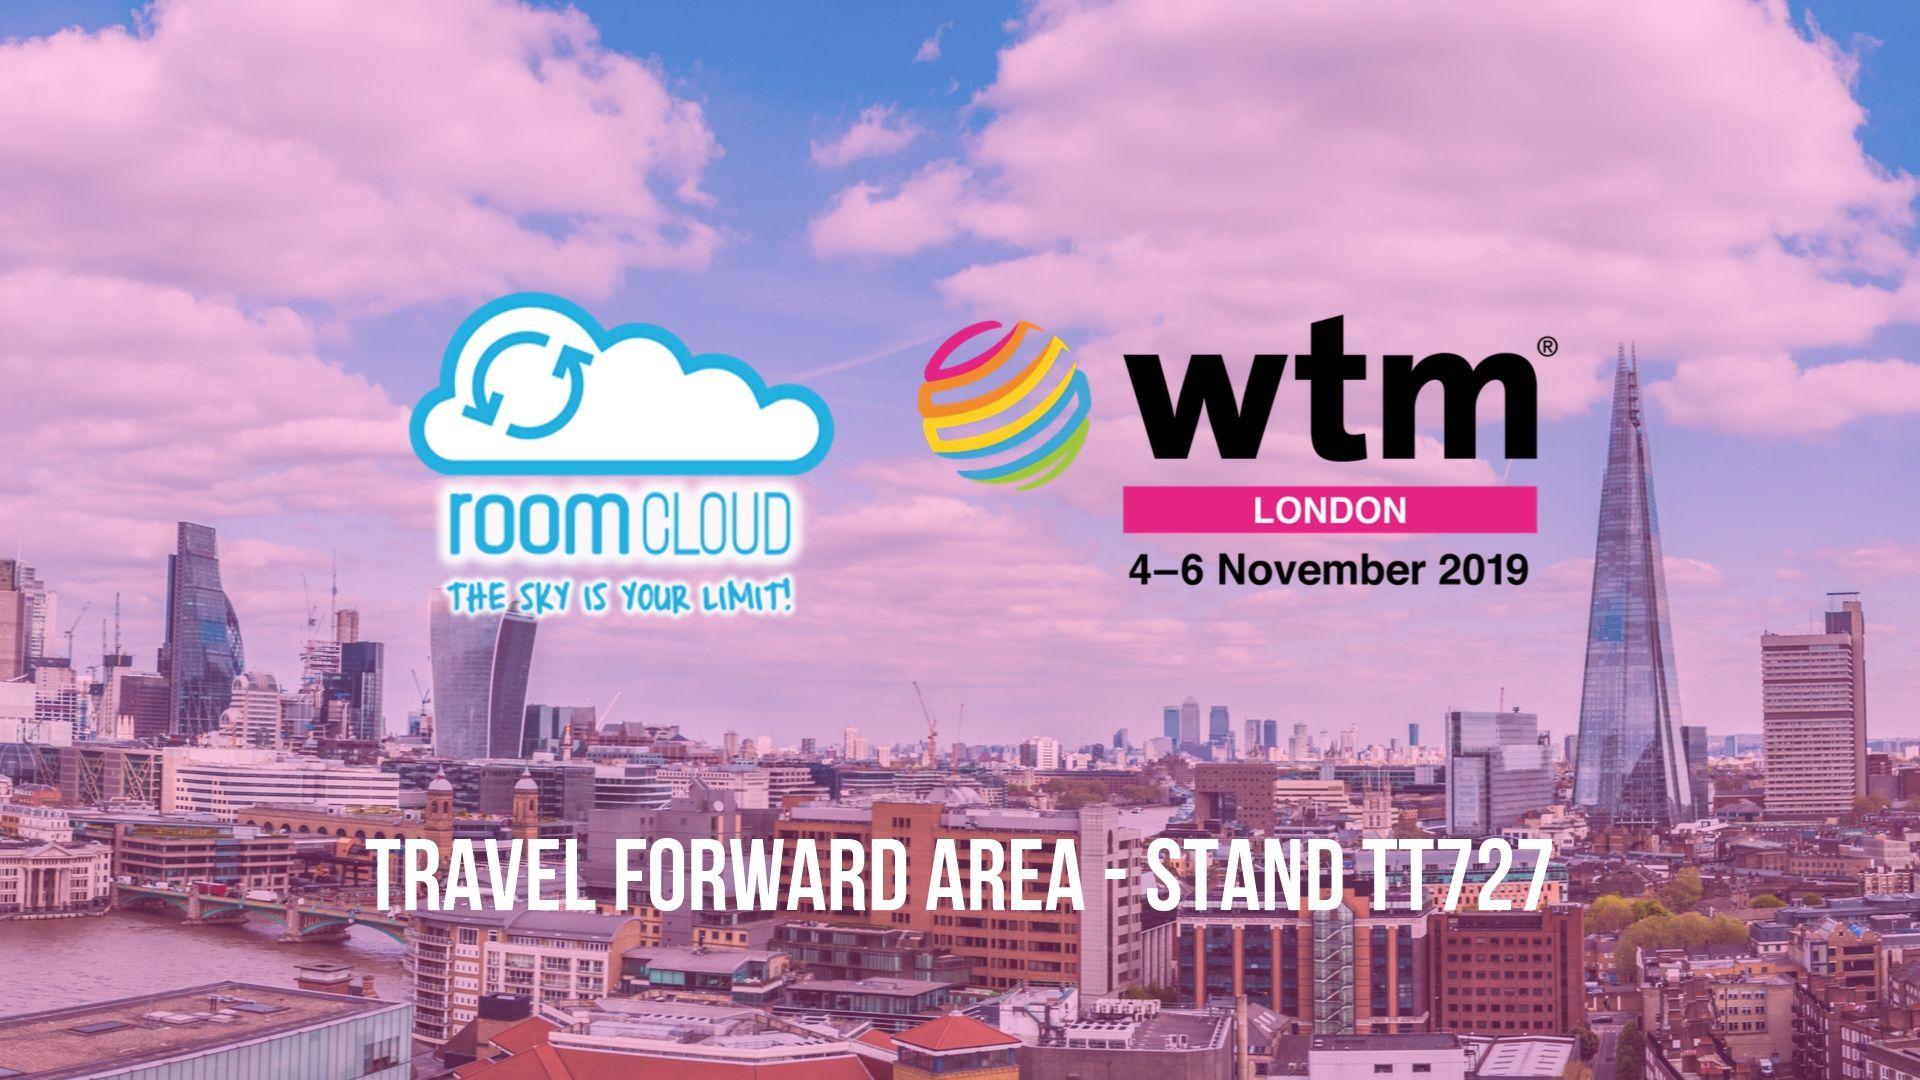 RoomCloud parteciperà al WTM 2019 a Londra